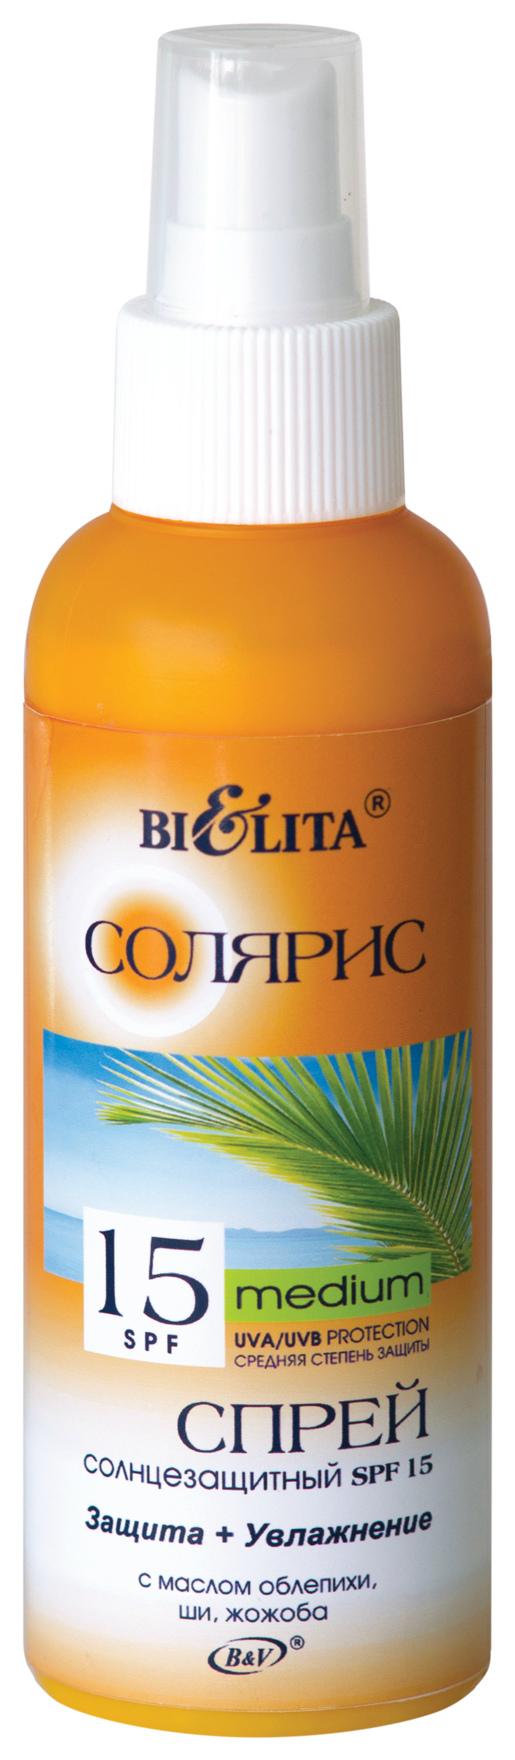 Солнцезащитное средство Bielita С маслом облепихи SPF